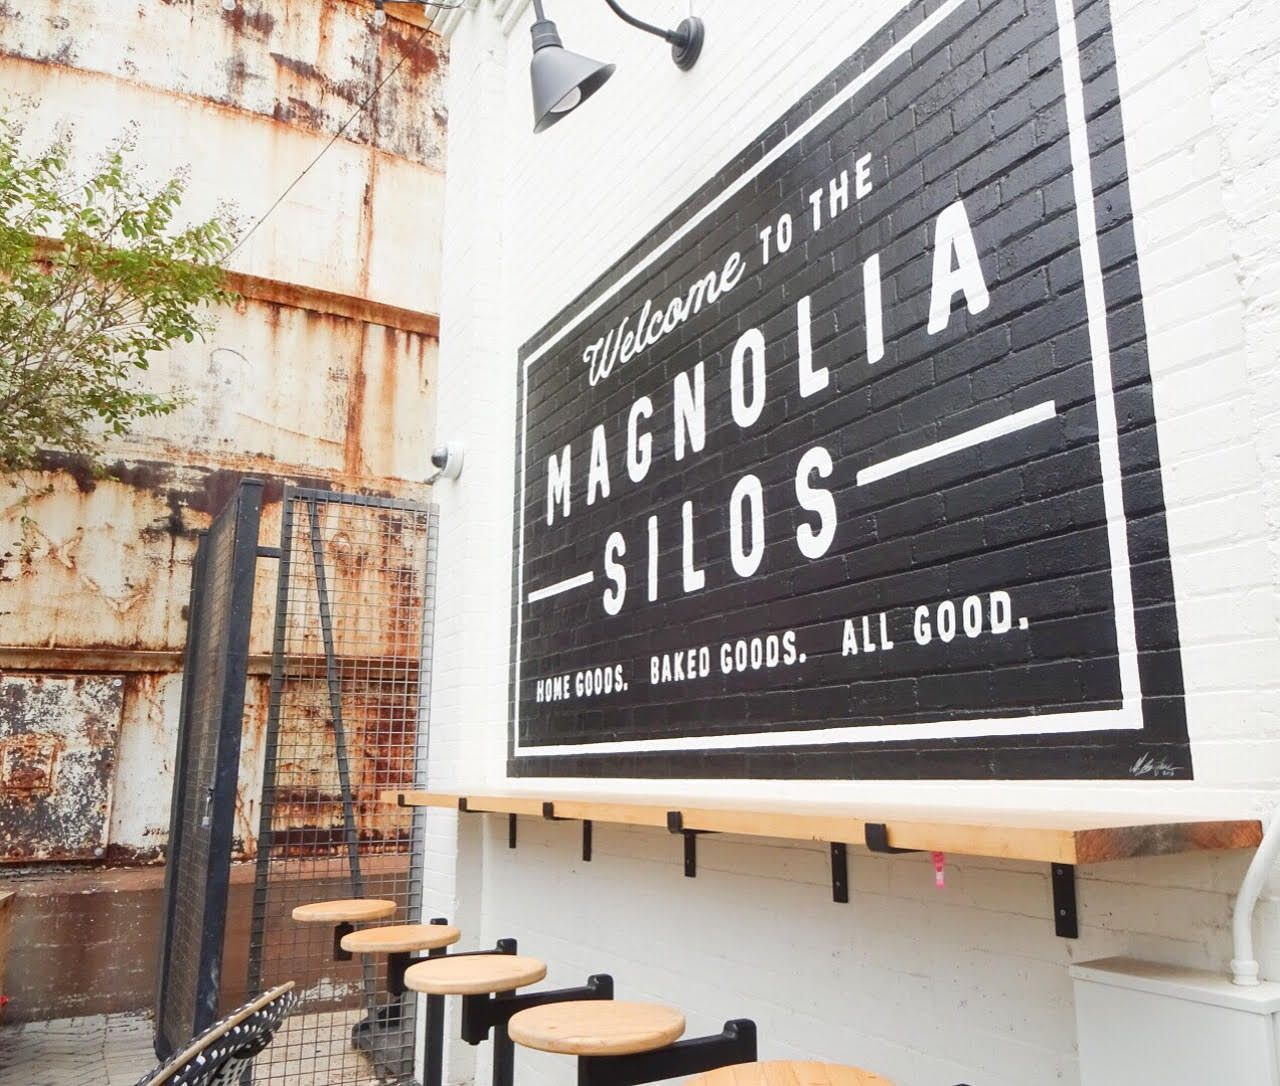 Best Local Restaurants In Waco, TX